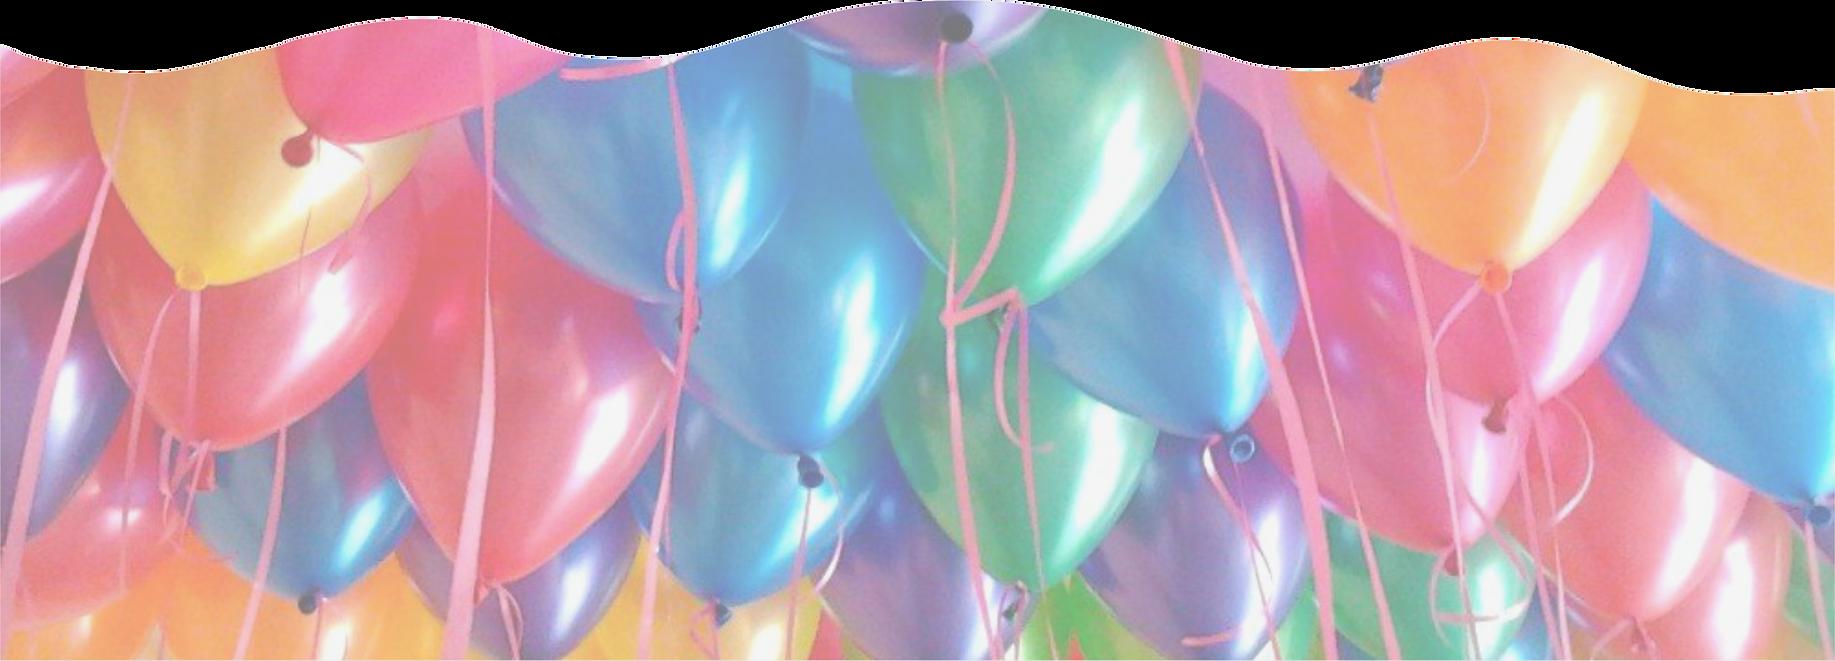 фон шары для сайта.png